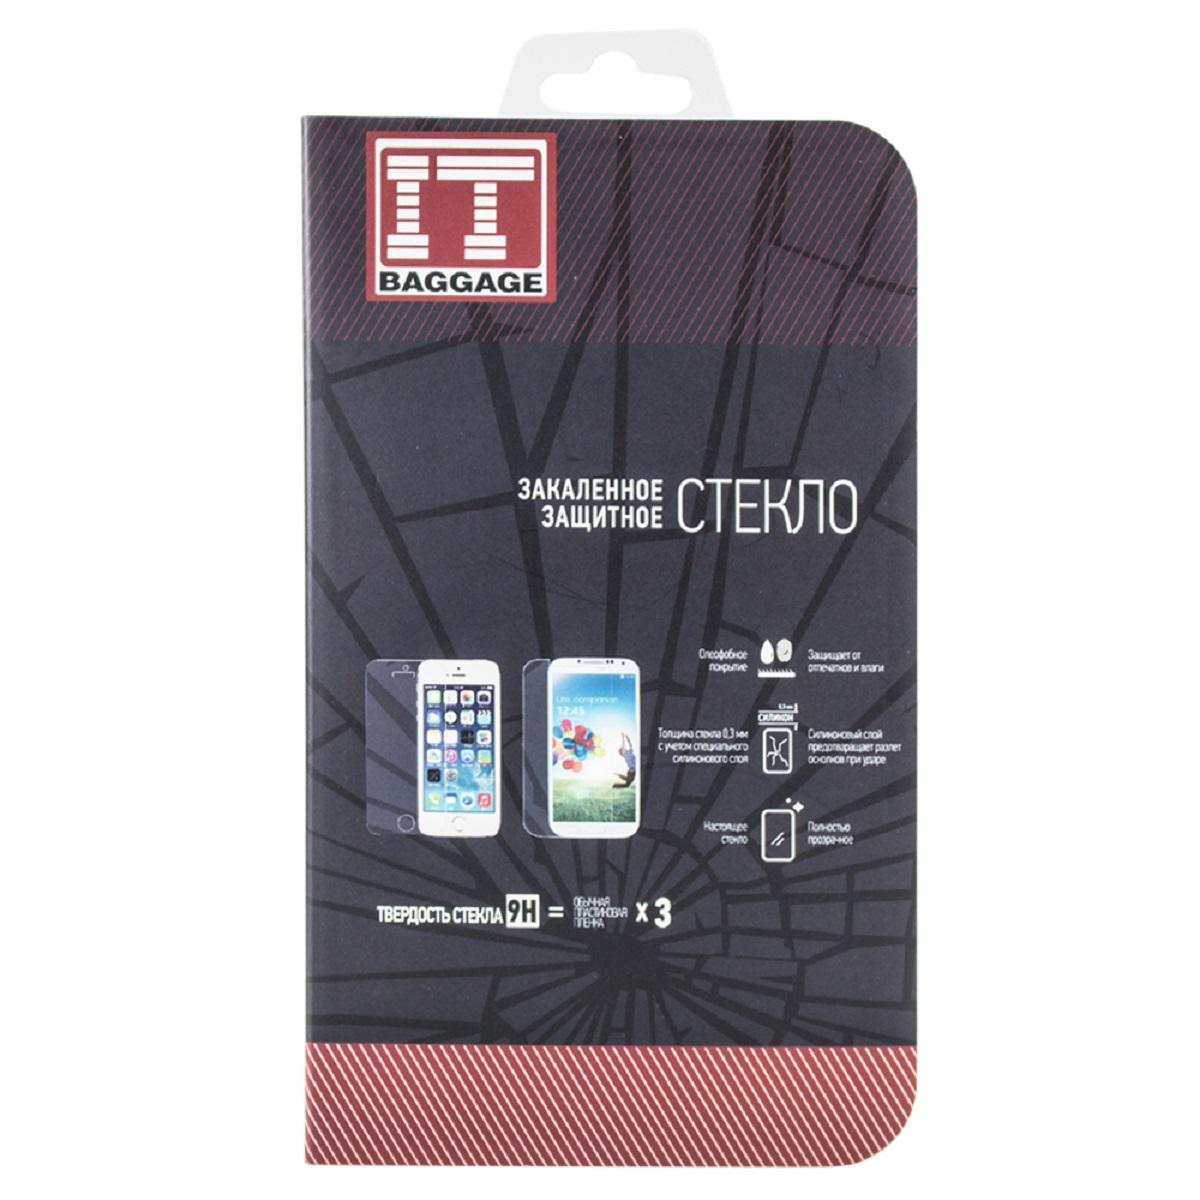 IT Baggage защитное стекло для Lenovo A5000ITLNA5000GЗакаленное стекло IT Baggage для Lenovo A5000 - это самый верный способ защитить экран от повреждений и загрязнений. Обладает высочайшим уровнем прозрачности и совершенно не влияет на отклик экранного сенсора и качество изображения. Препятствует появлению отпечатков и пятен. Удалить следы жира и косметики с поверхности аксессуара не составить ни какого труда. Характеристики защитного стекла делают его износостойким к таким механическим повреждениям, как царапины, сколы, потертости. При сильном ударе разбившееся стекло не разлетается на осколки, предохраняя вас от порезов, а экран устройства от повреждений. После снятия защитного стекла с поверхности дисплея, на нем не остаются повреждения, такие как потертости и царапины.